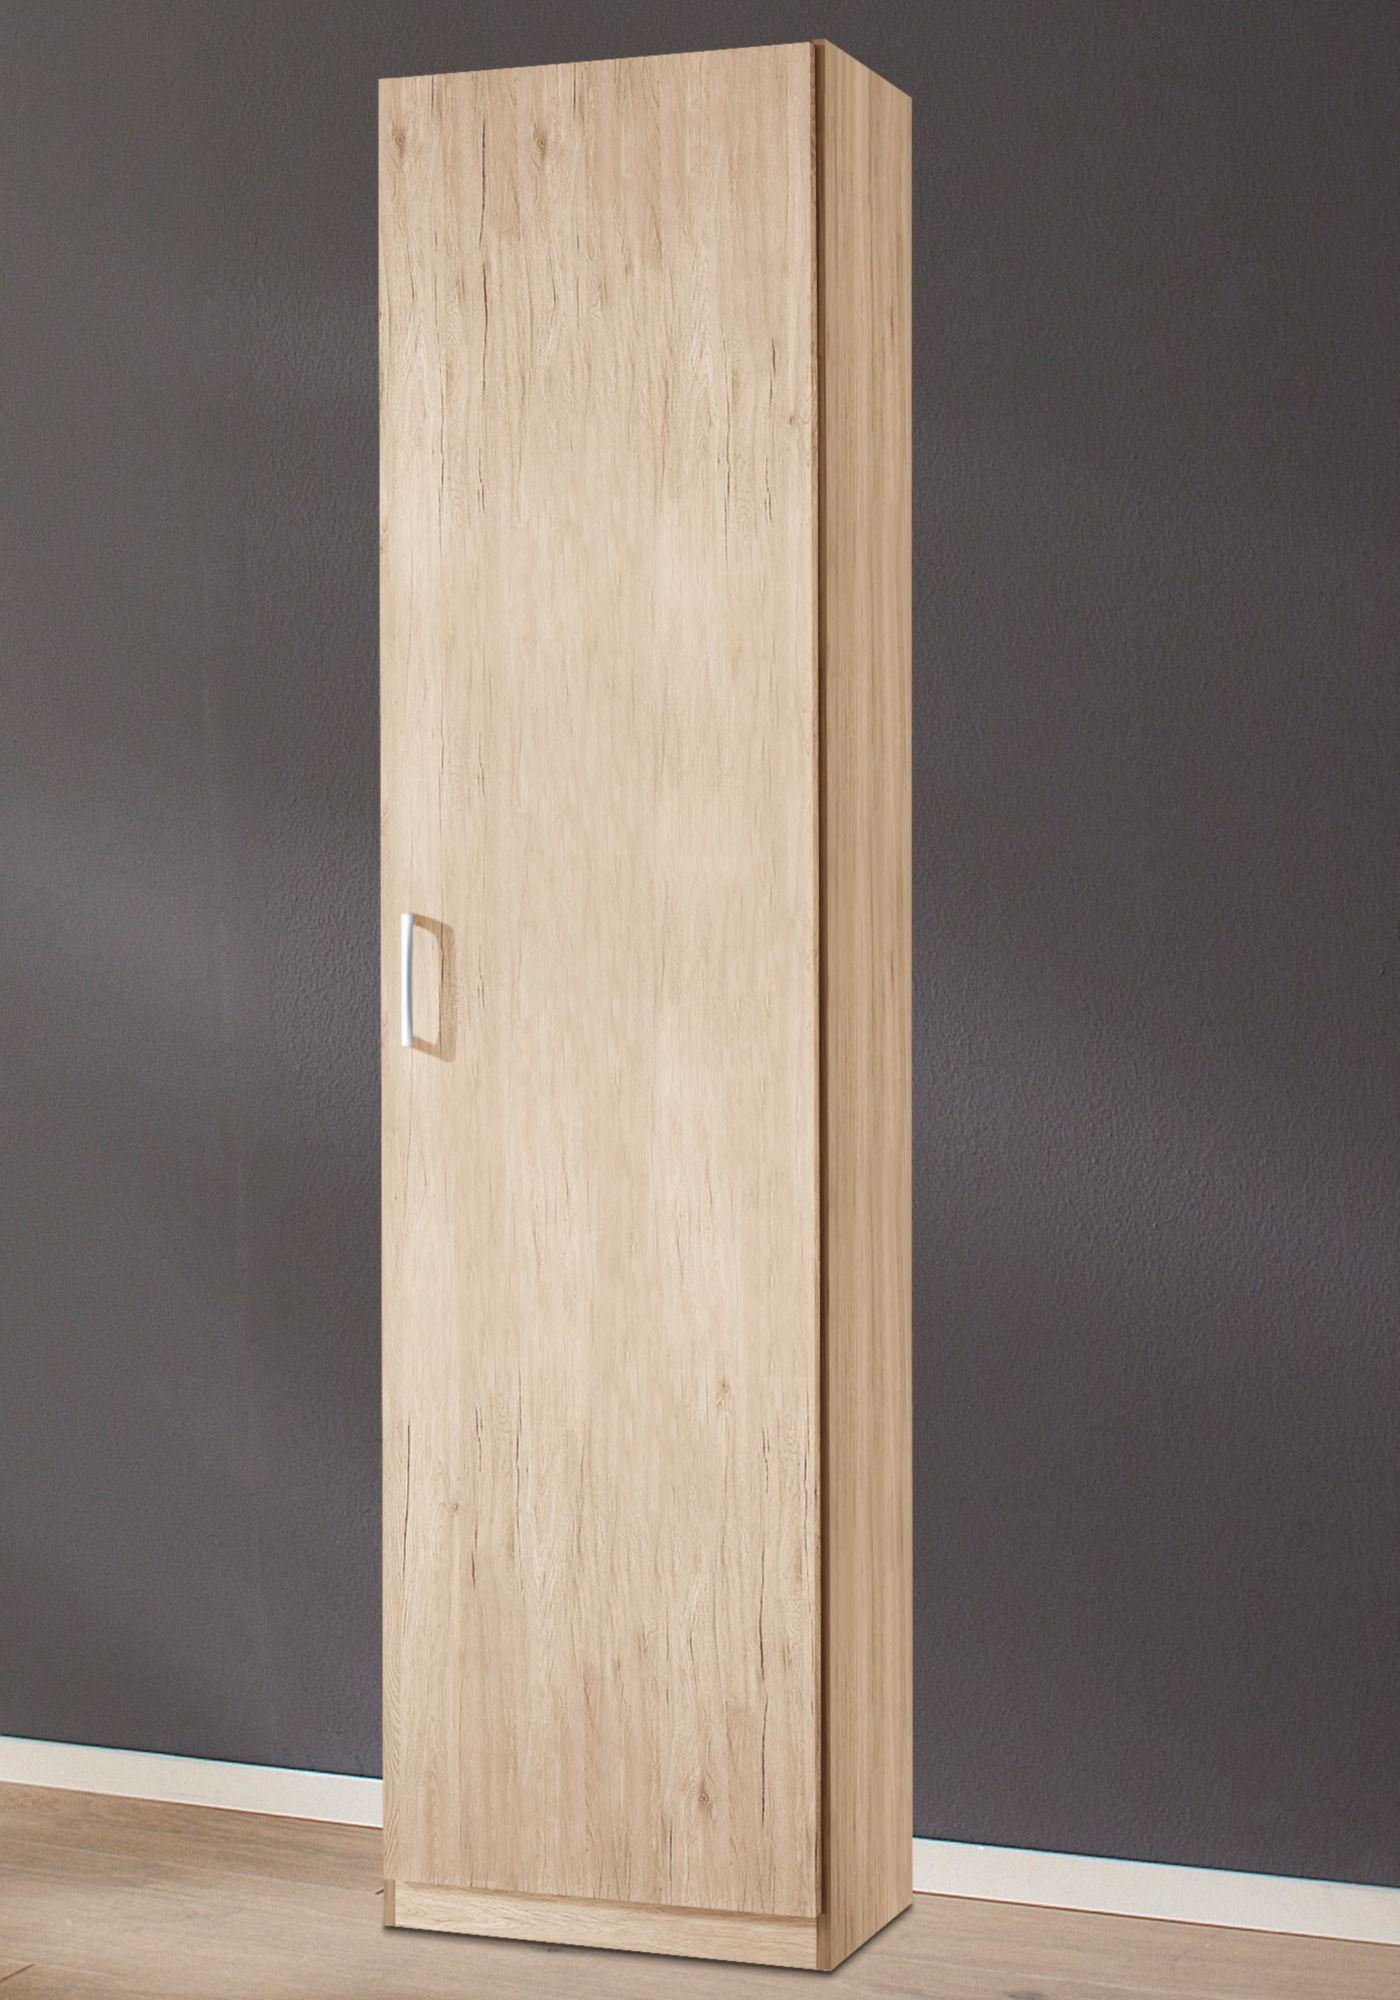 schranksysteme im schwab online shop m bel kleiderschr nke. Black Bedroom Furniture Sets. Home Design Ideas